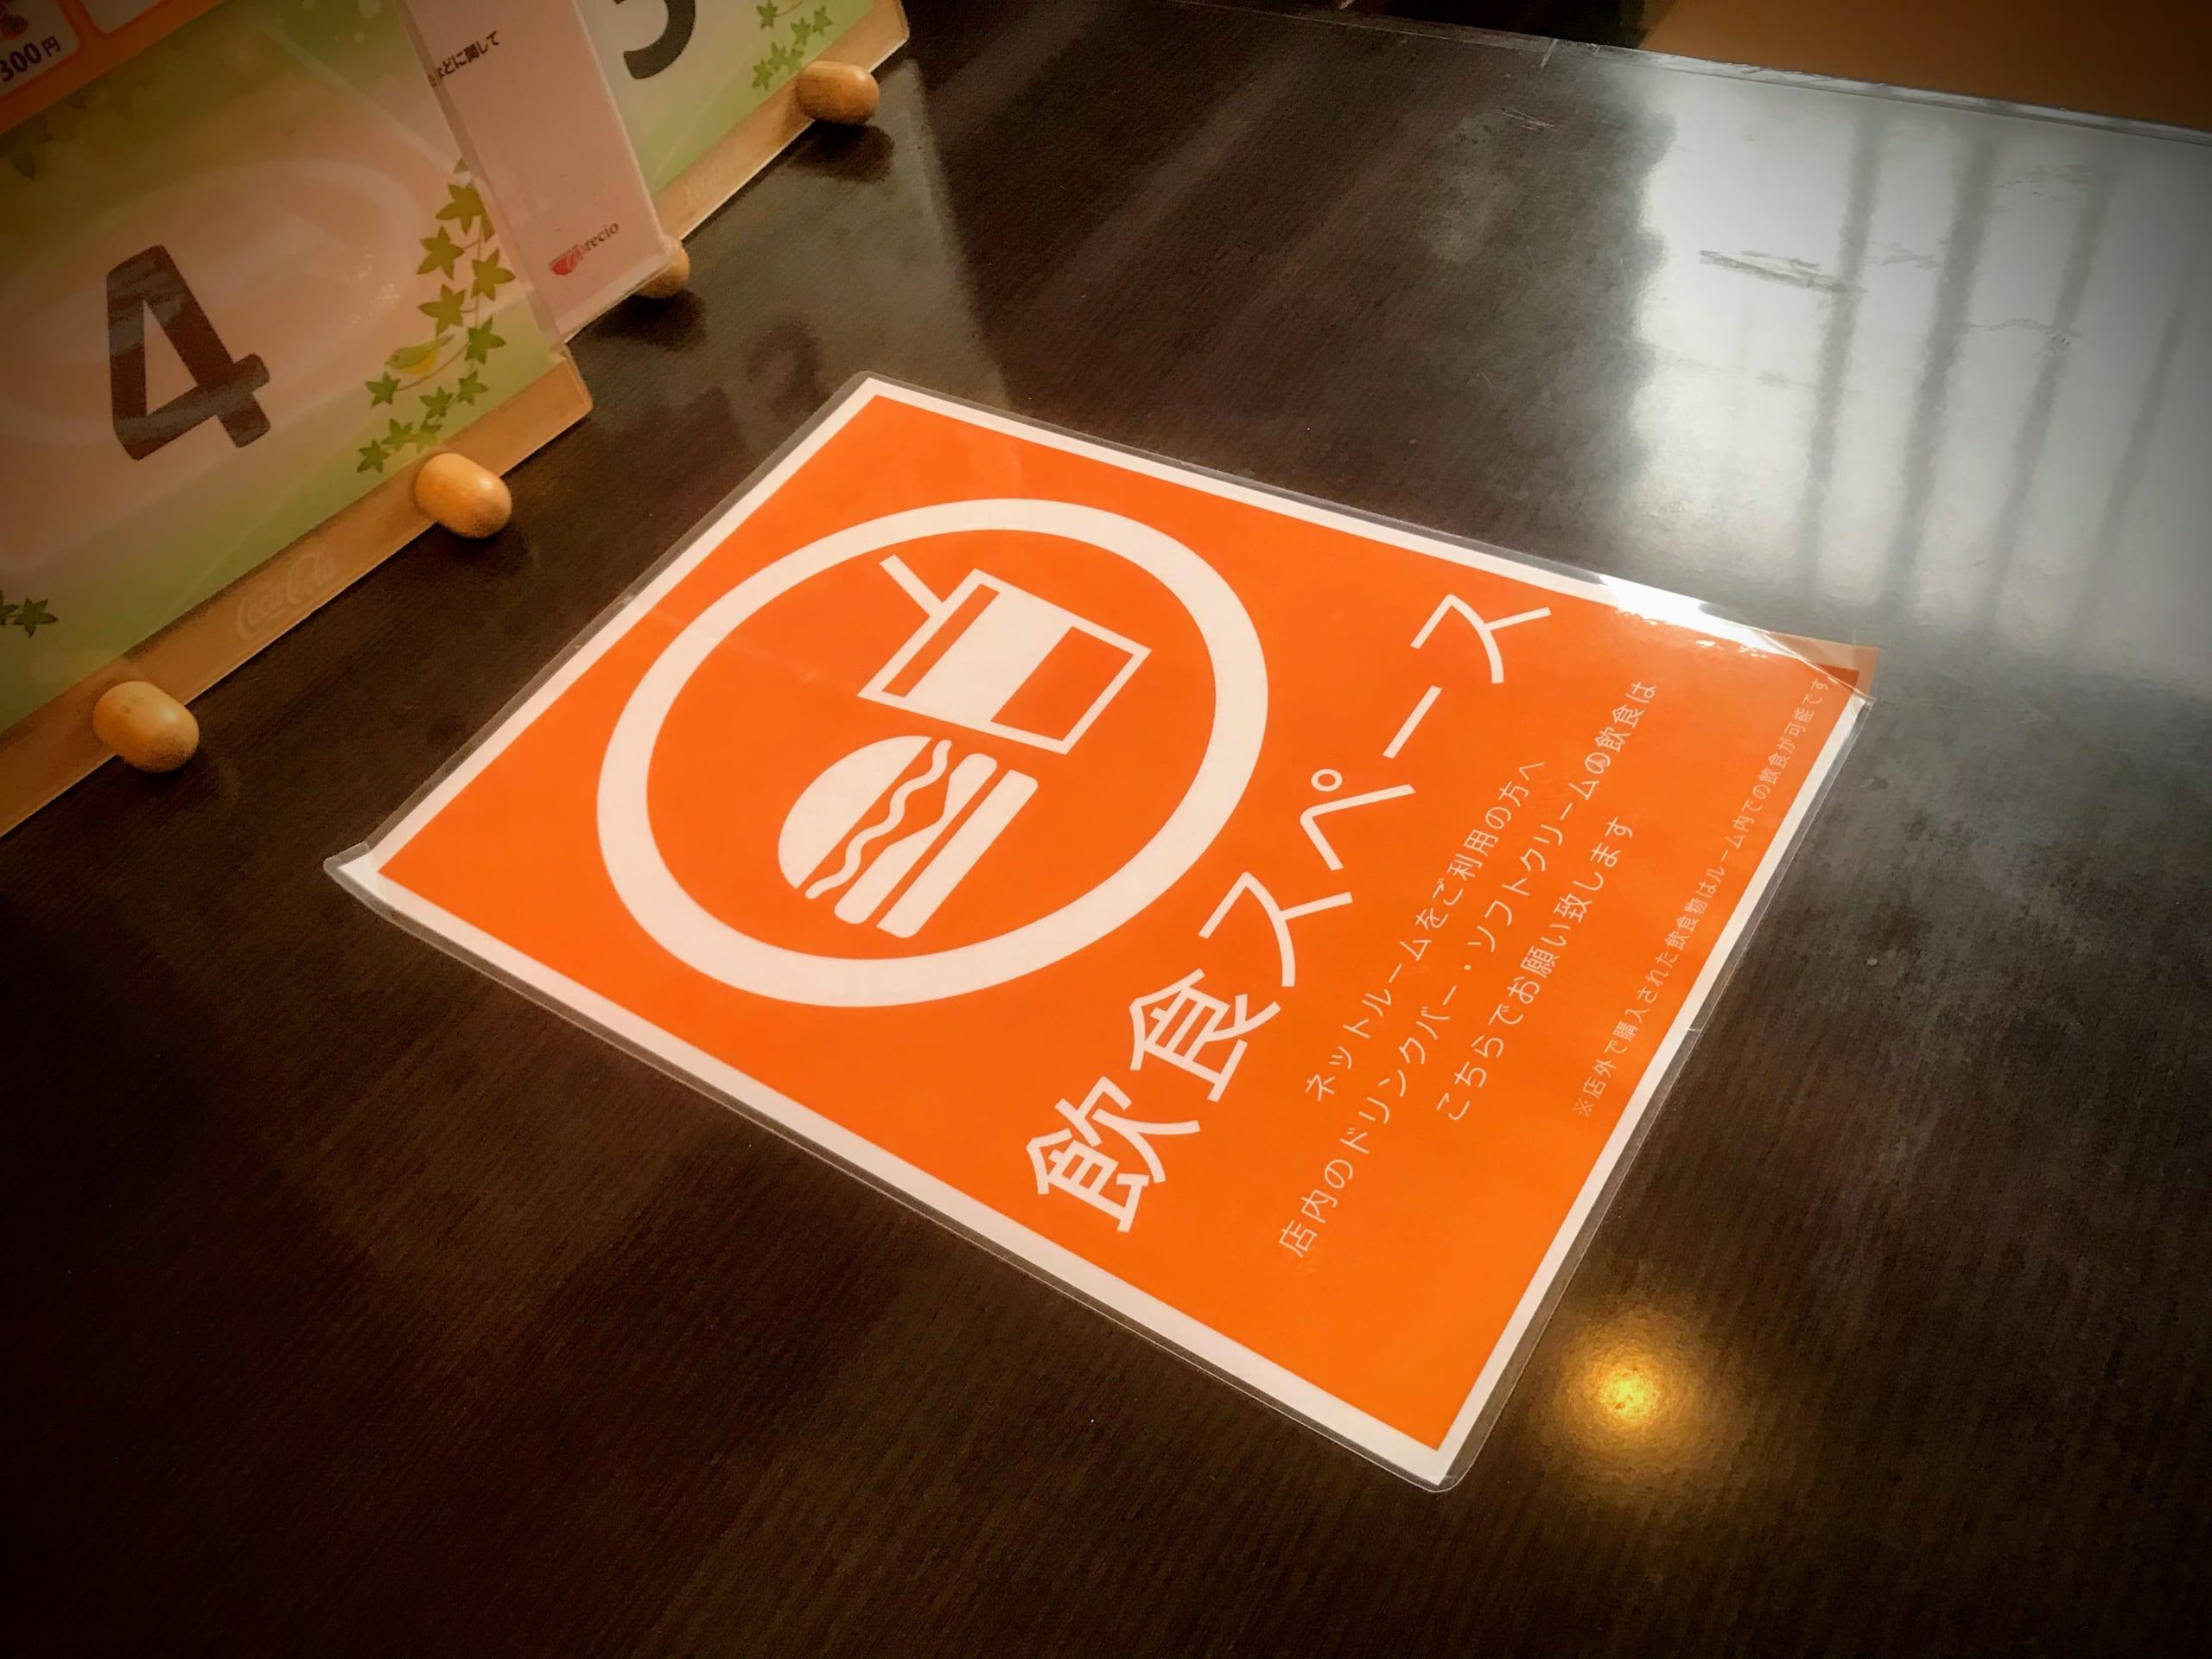 飲食スペースの机